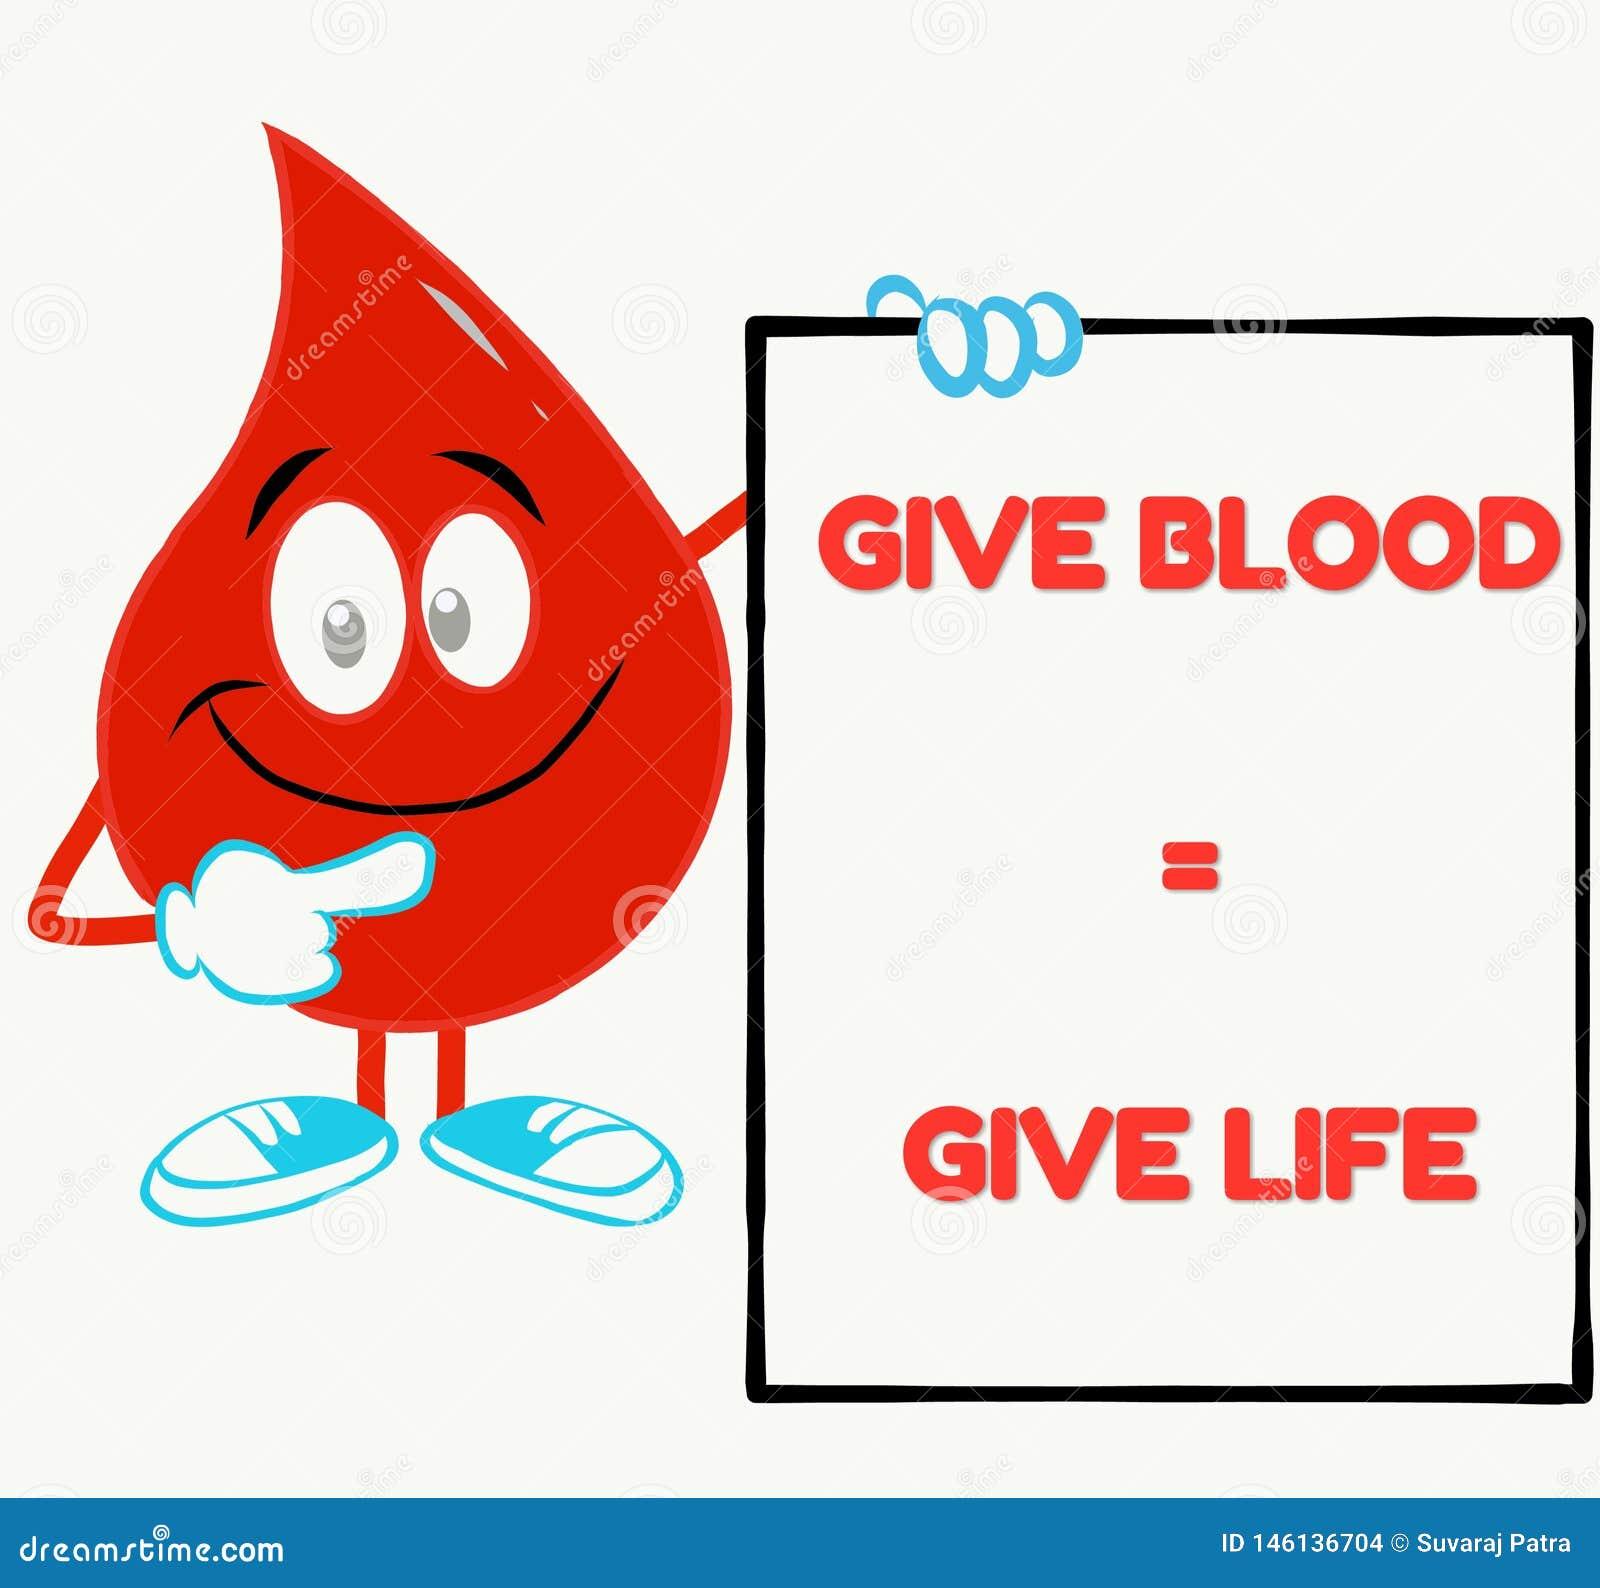 цитата идеального донорства крови вдохновляющая